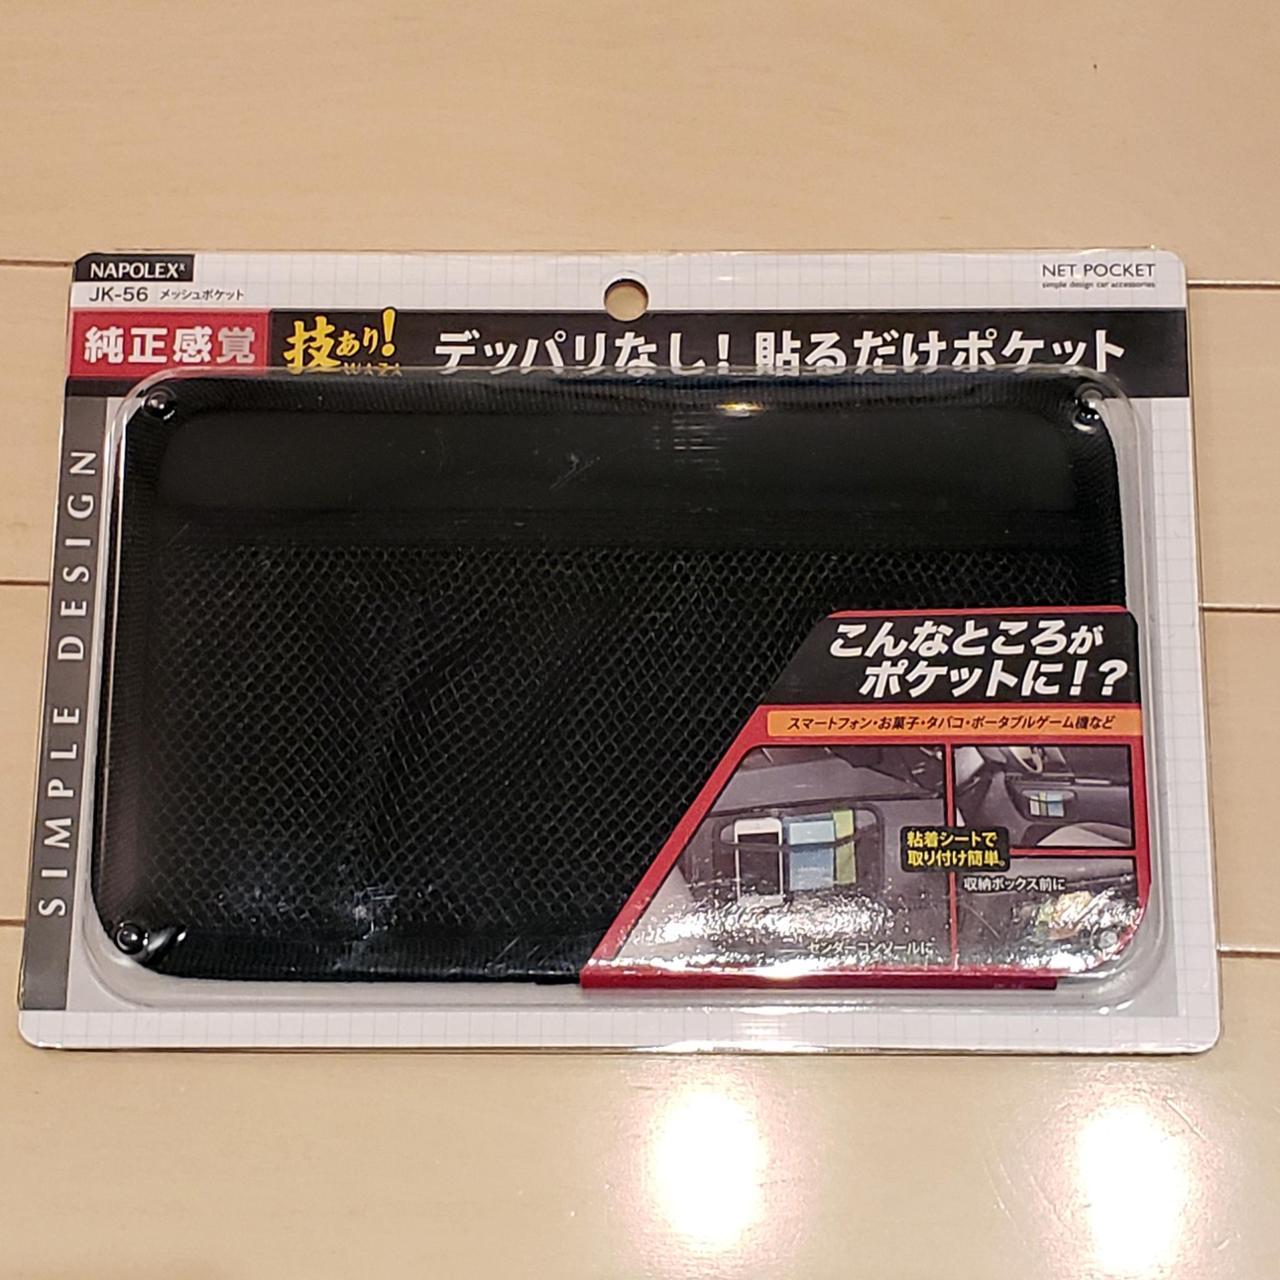 NAPOLEX JK57 メッシュポケット